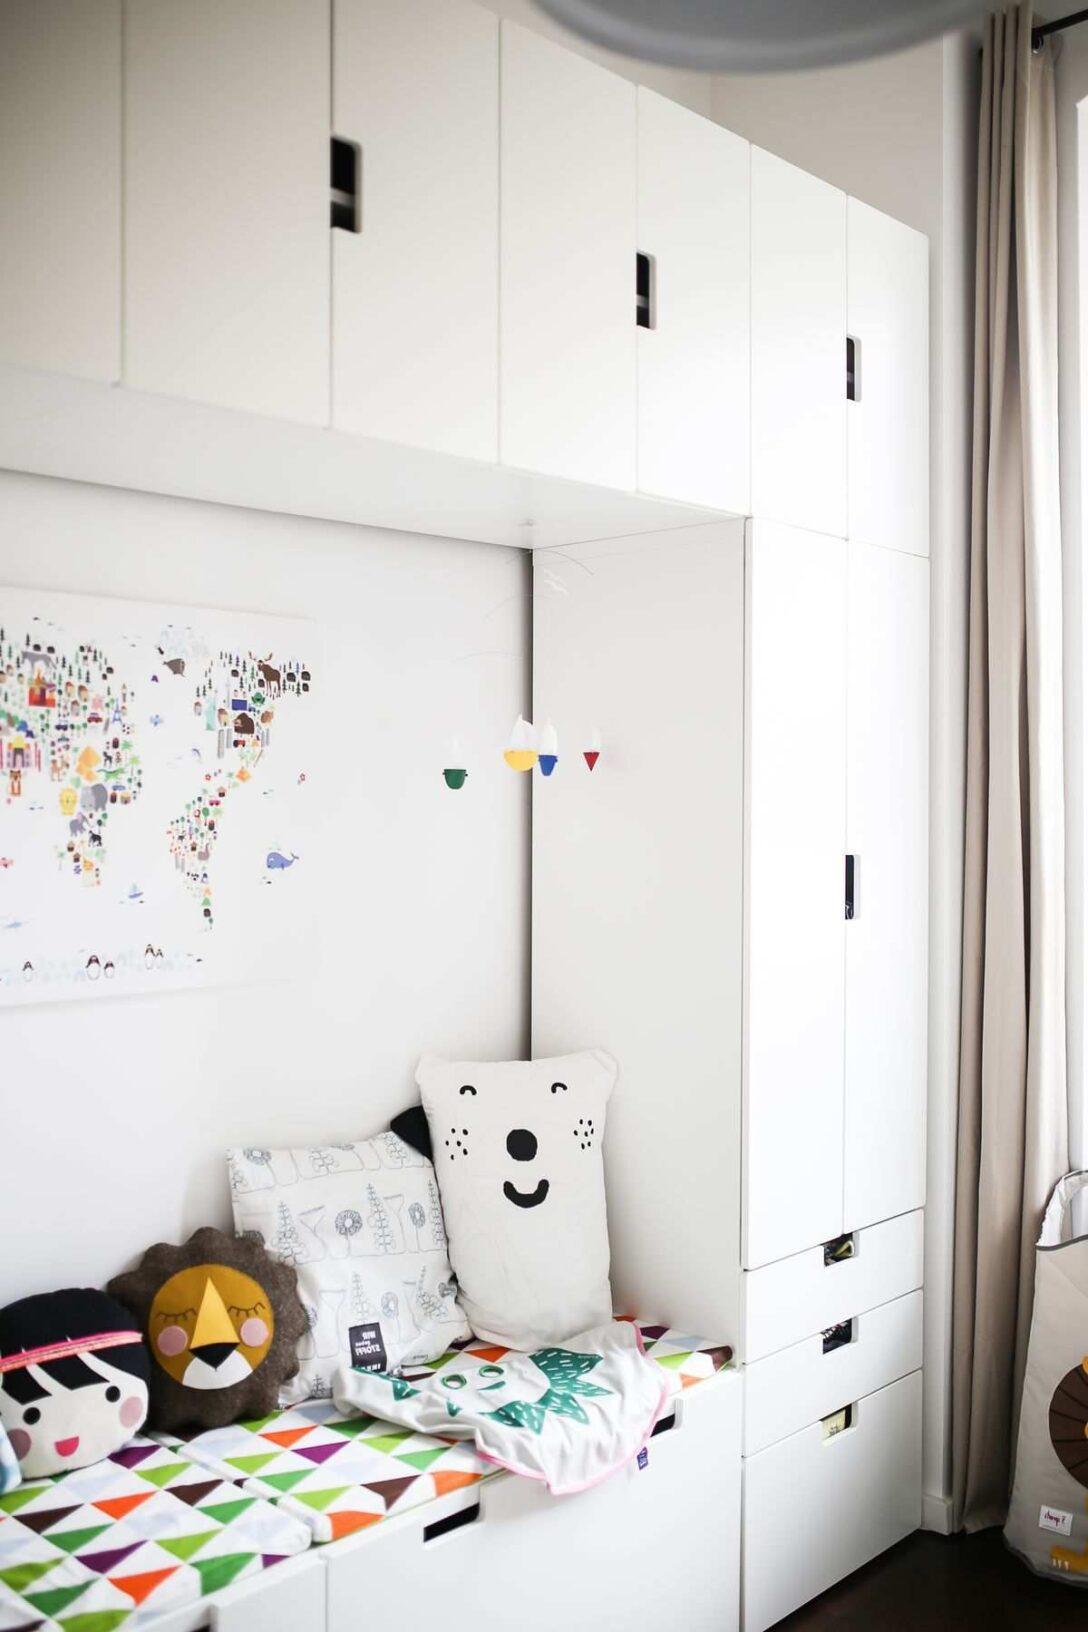 Large Size of Kinderzimmer Vorhang Junge 25 Perle Fimo Polymer Clay Tondo 12mm Bad Sofa Regal Wohnzimmer Küche Regale Weiß Kinderzimmer Kinderzimmer Vorhang